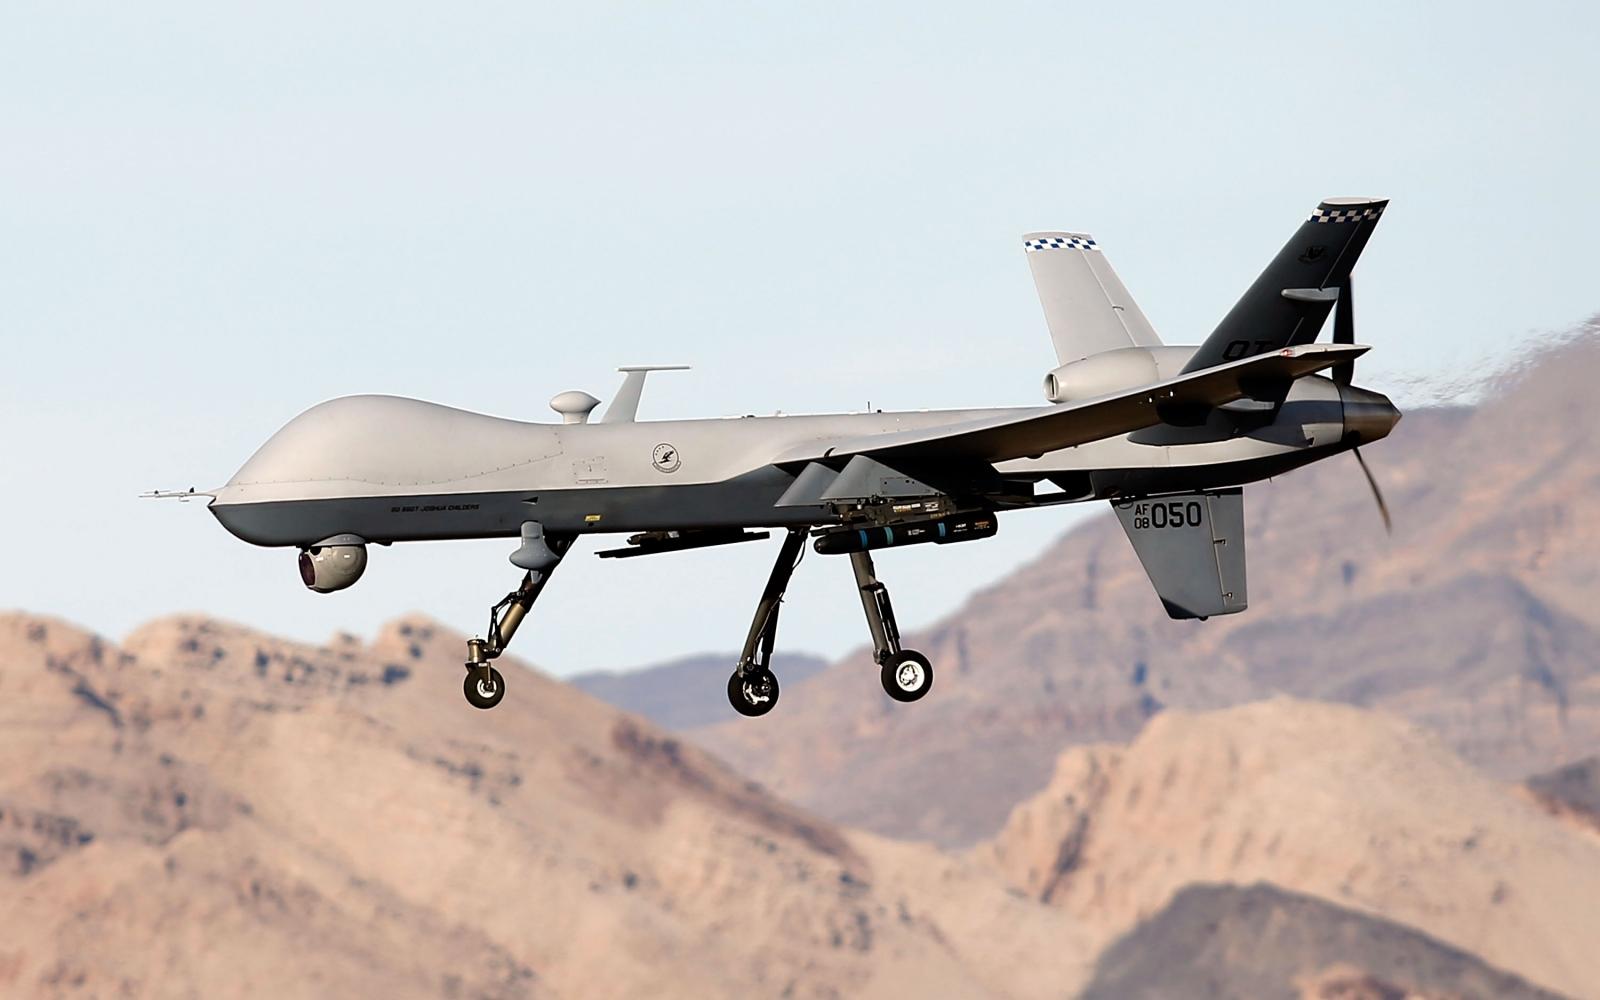 Senior Pakistan al-Qaeda leader killed in US drone strike in Afghanistan